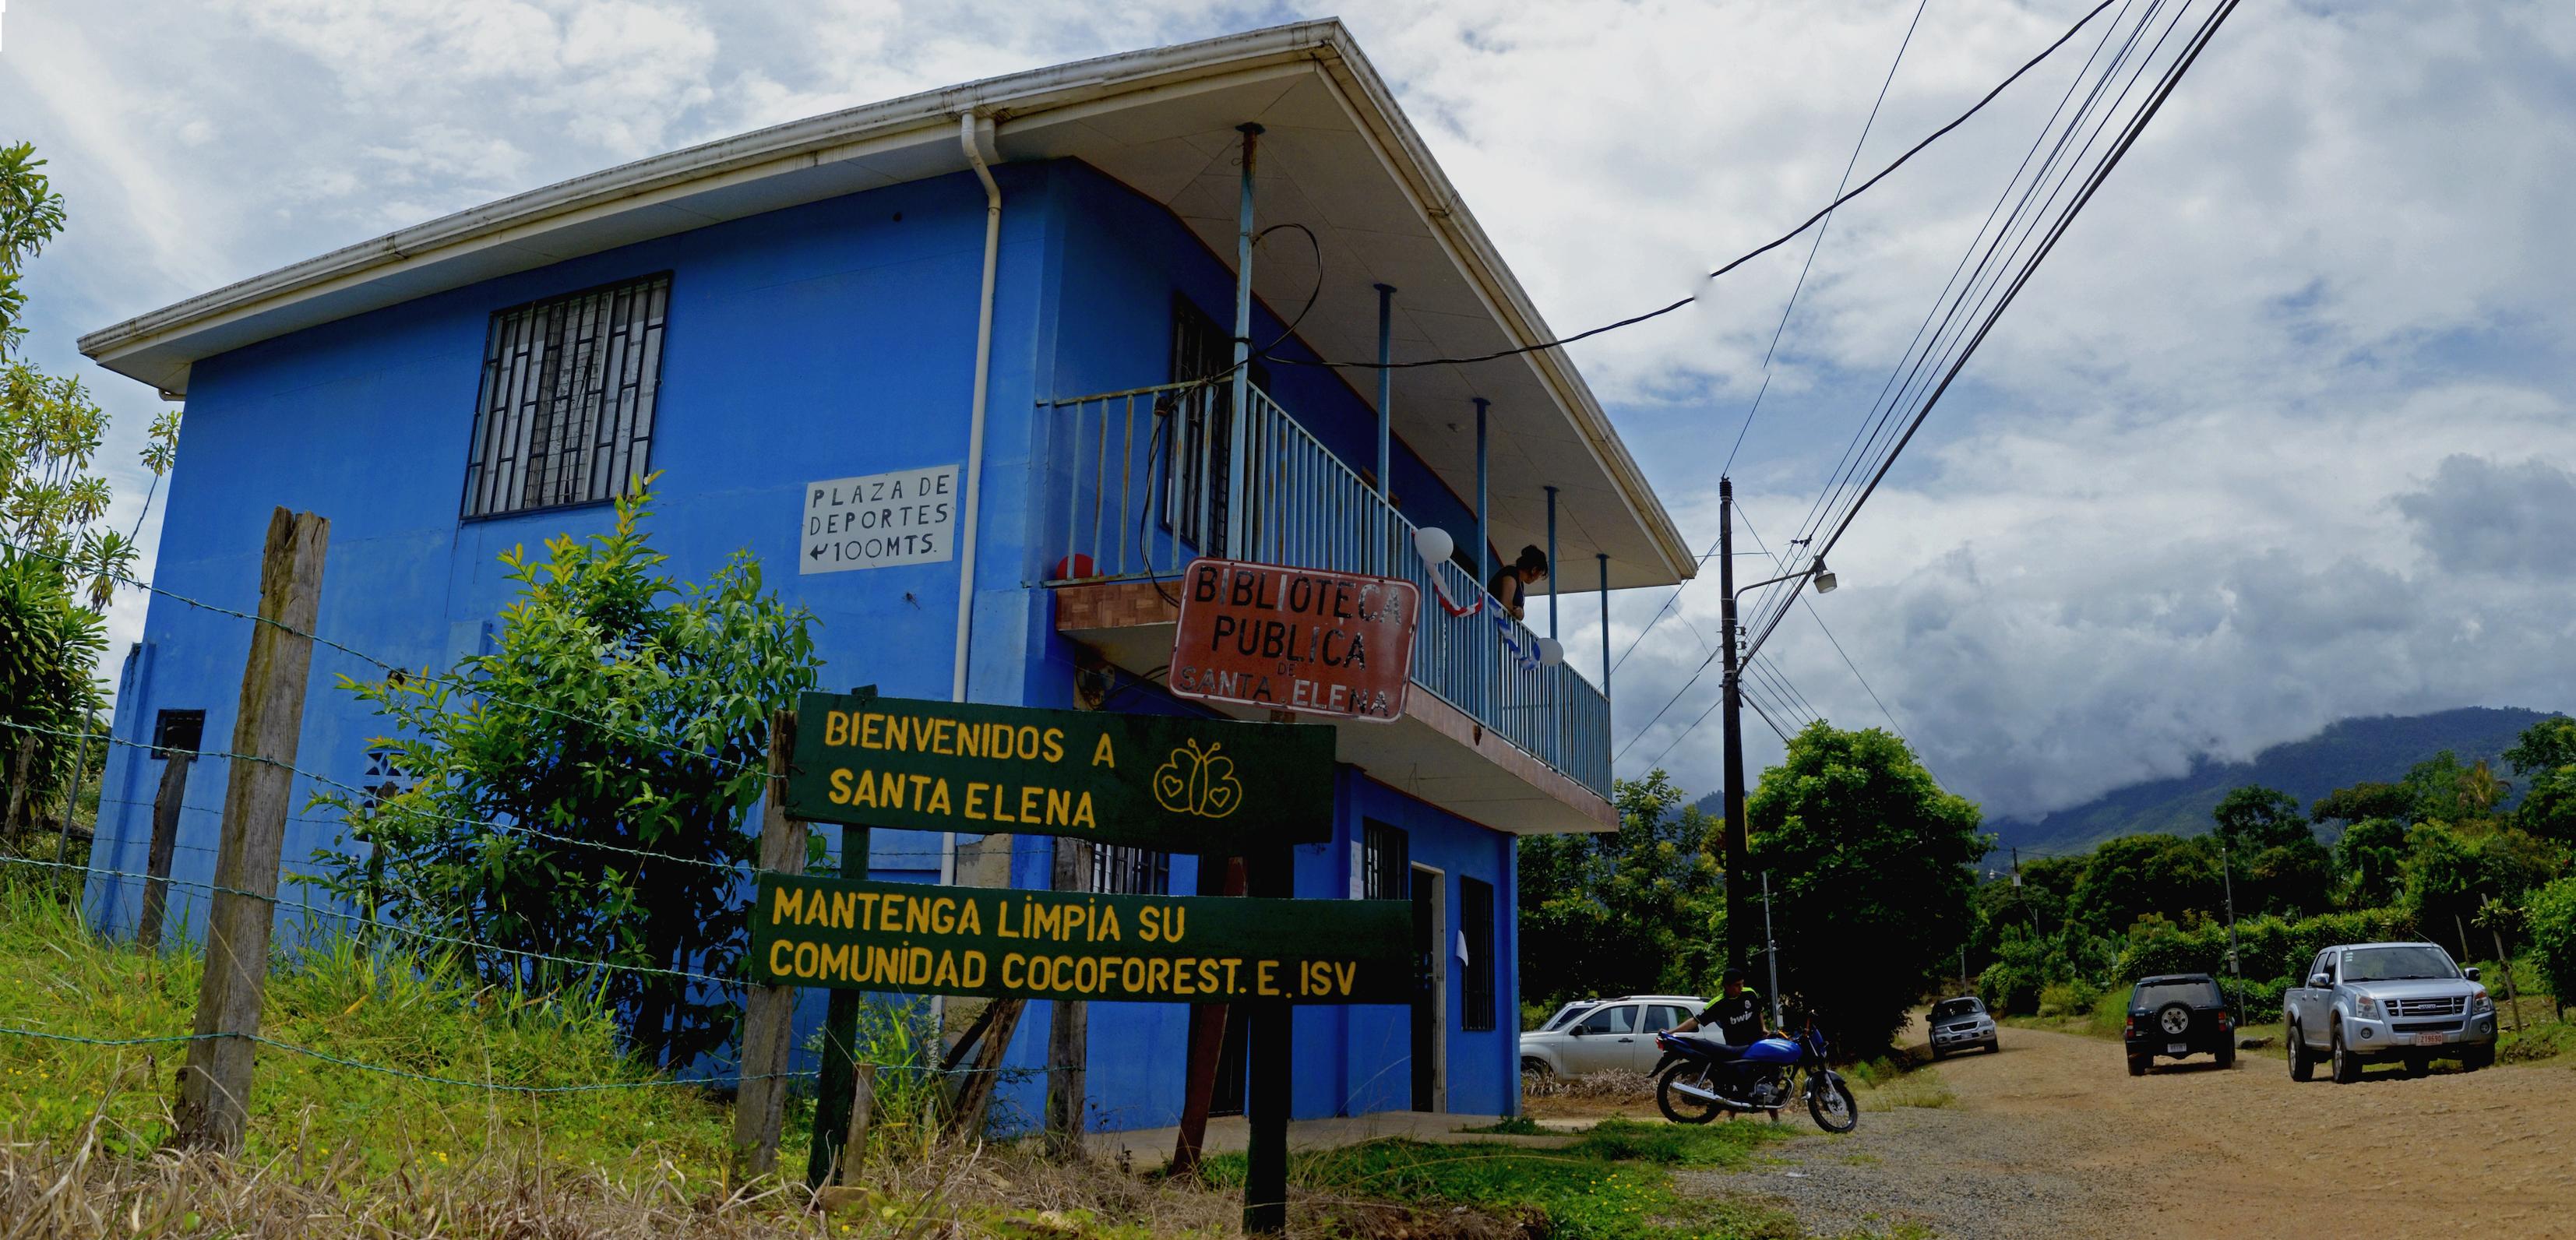 La-Casita-Azul building from outside